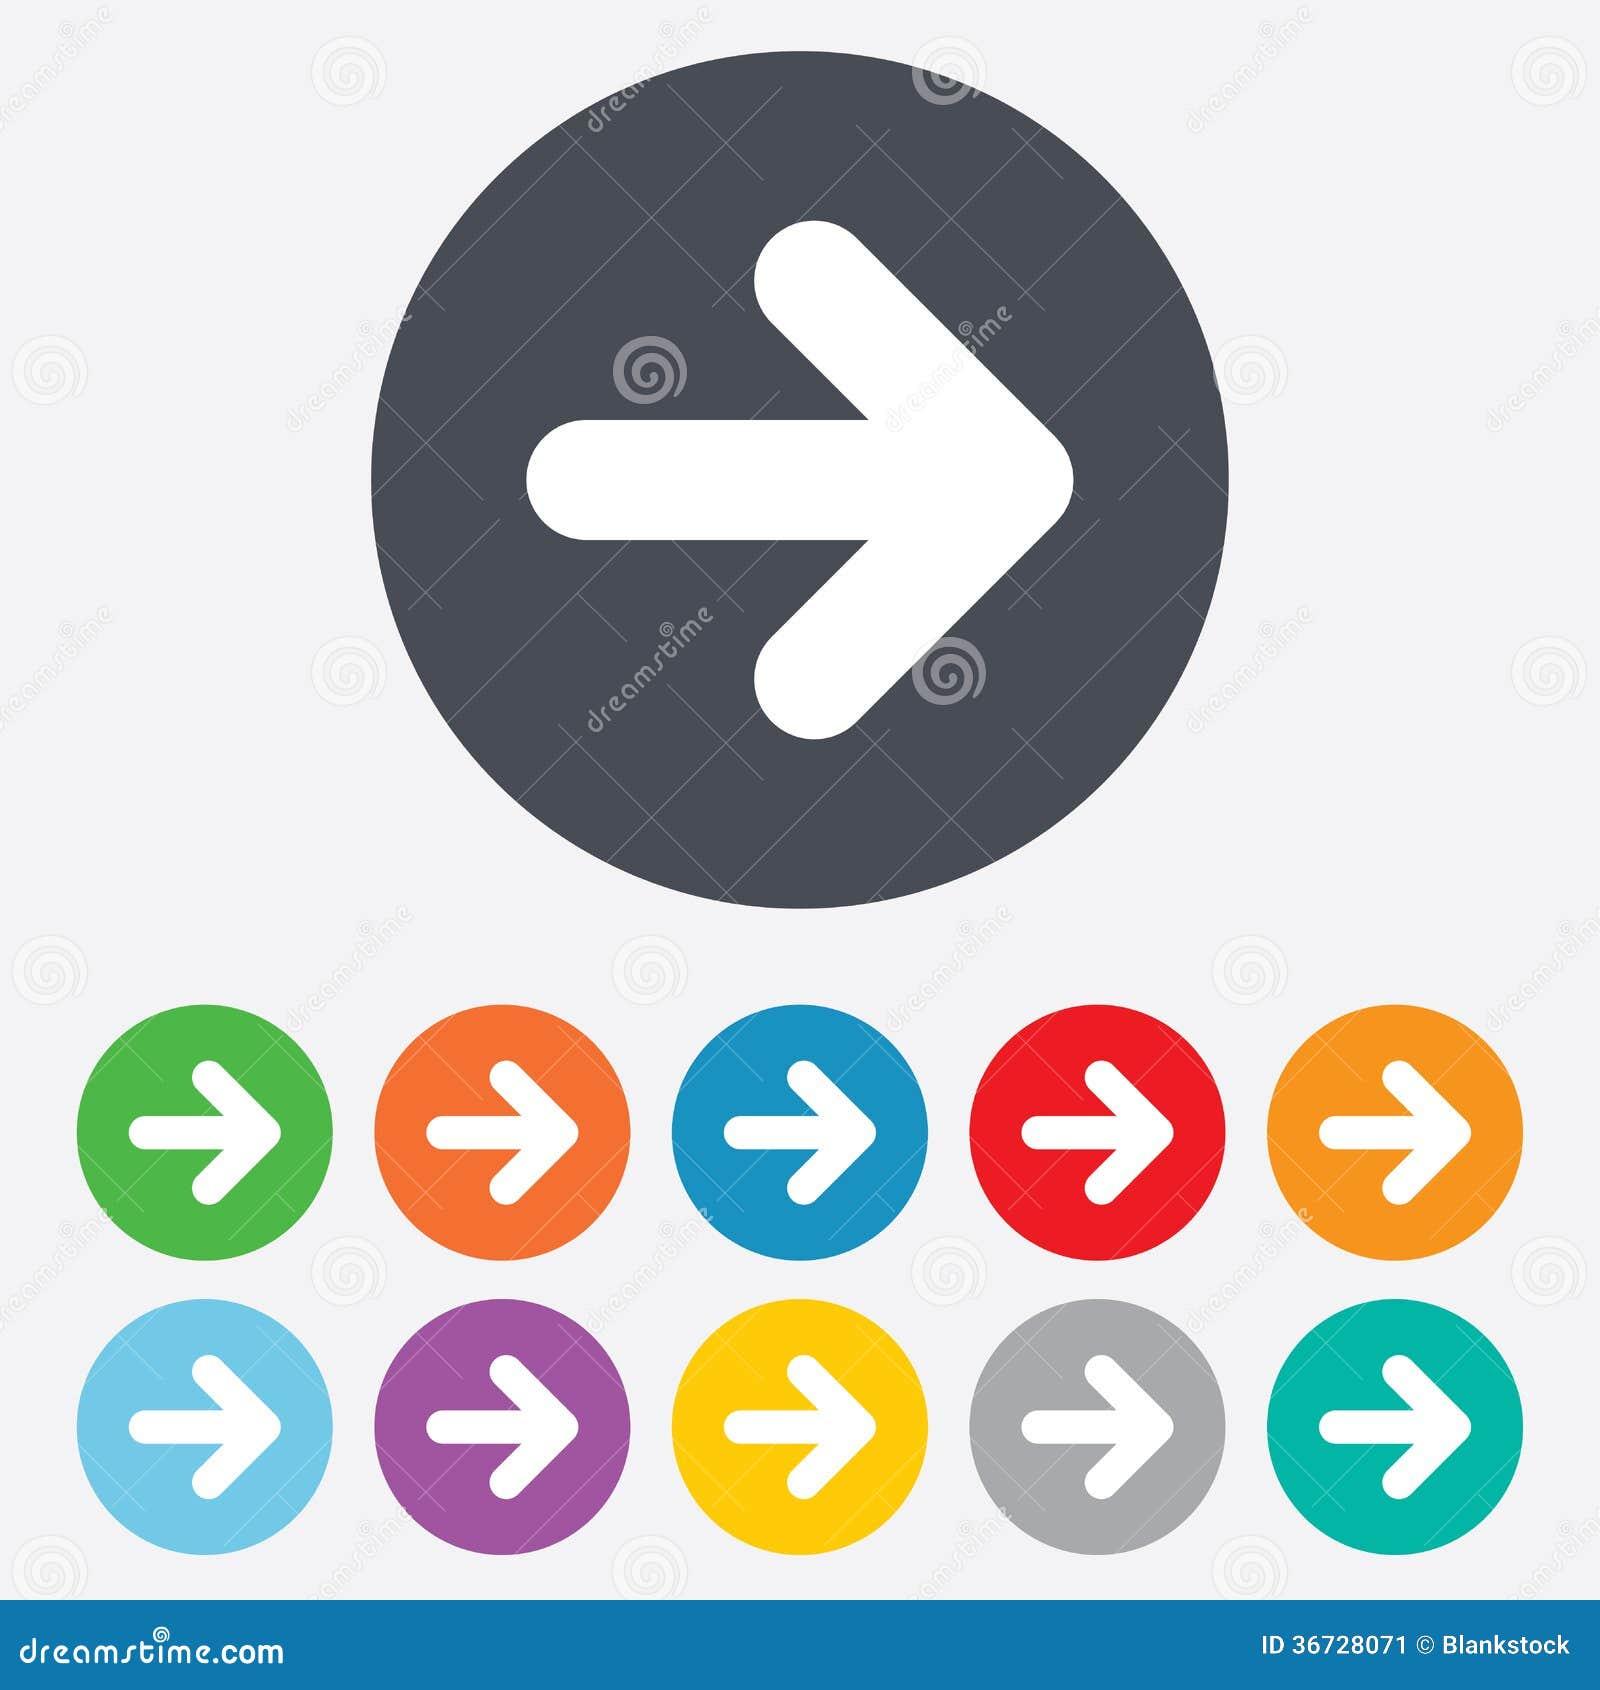 Icône de signe de flèche. Prochain bouton. Symbole de navigation